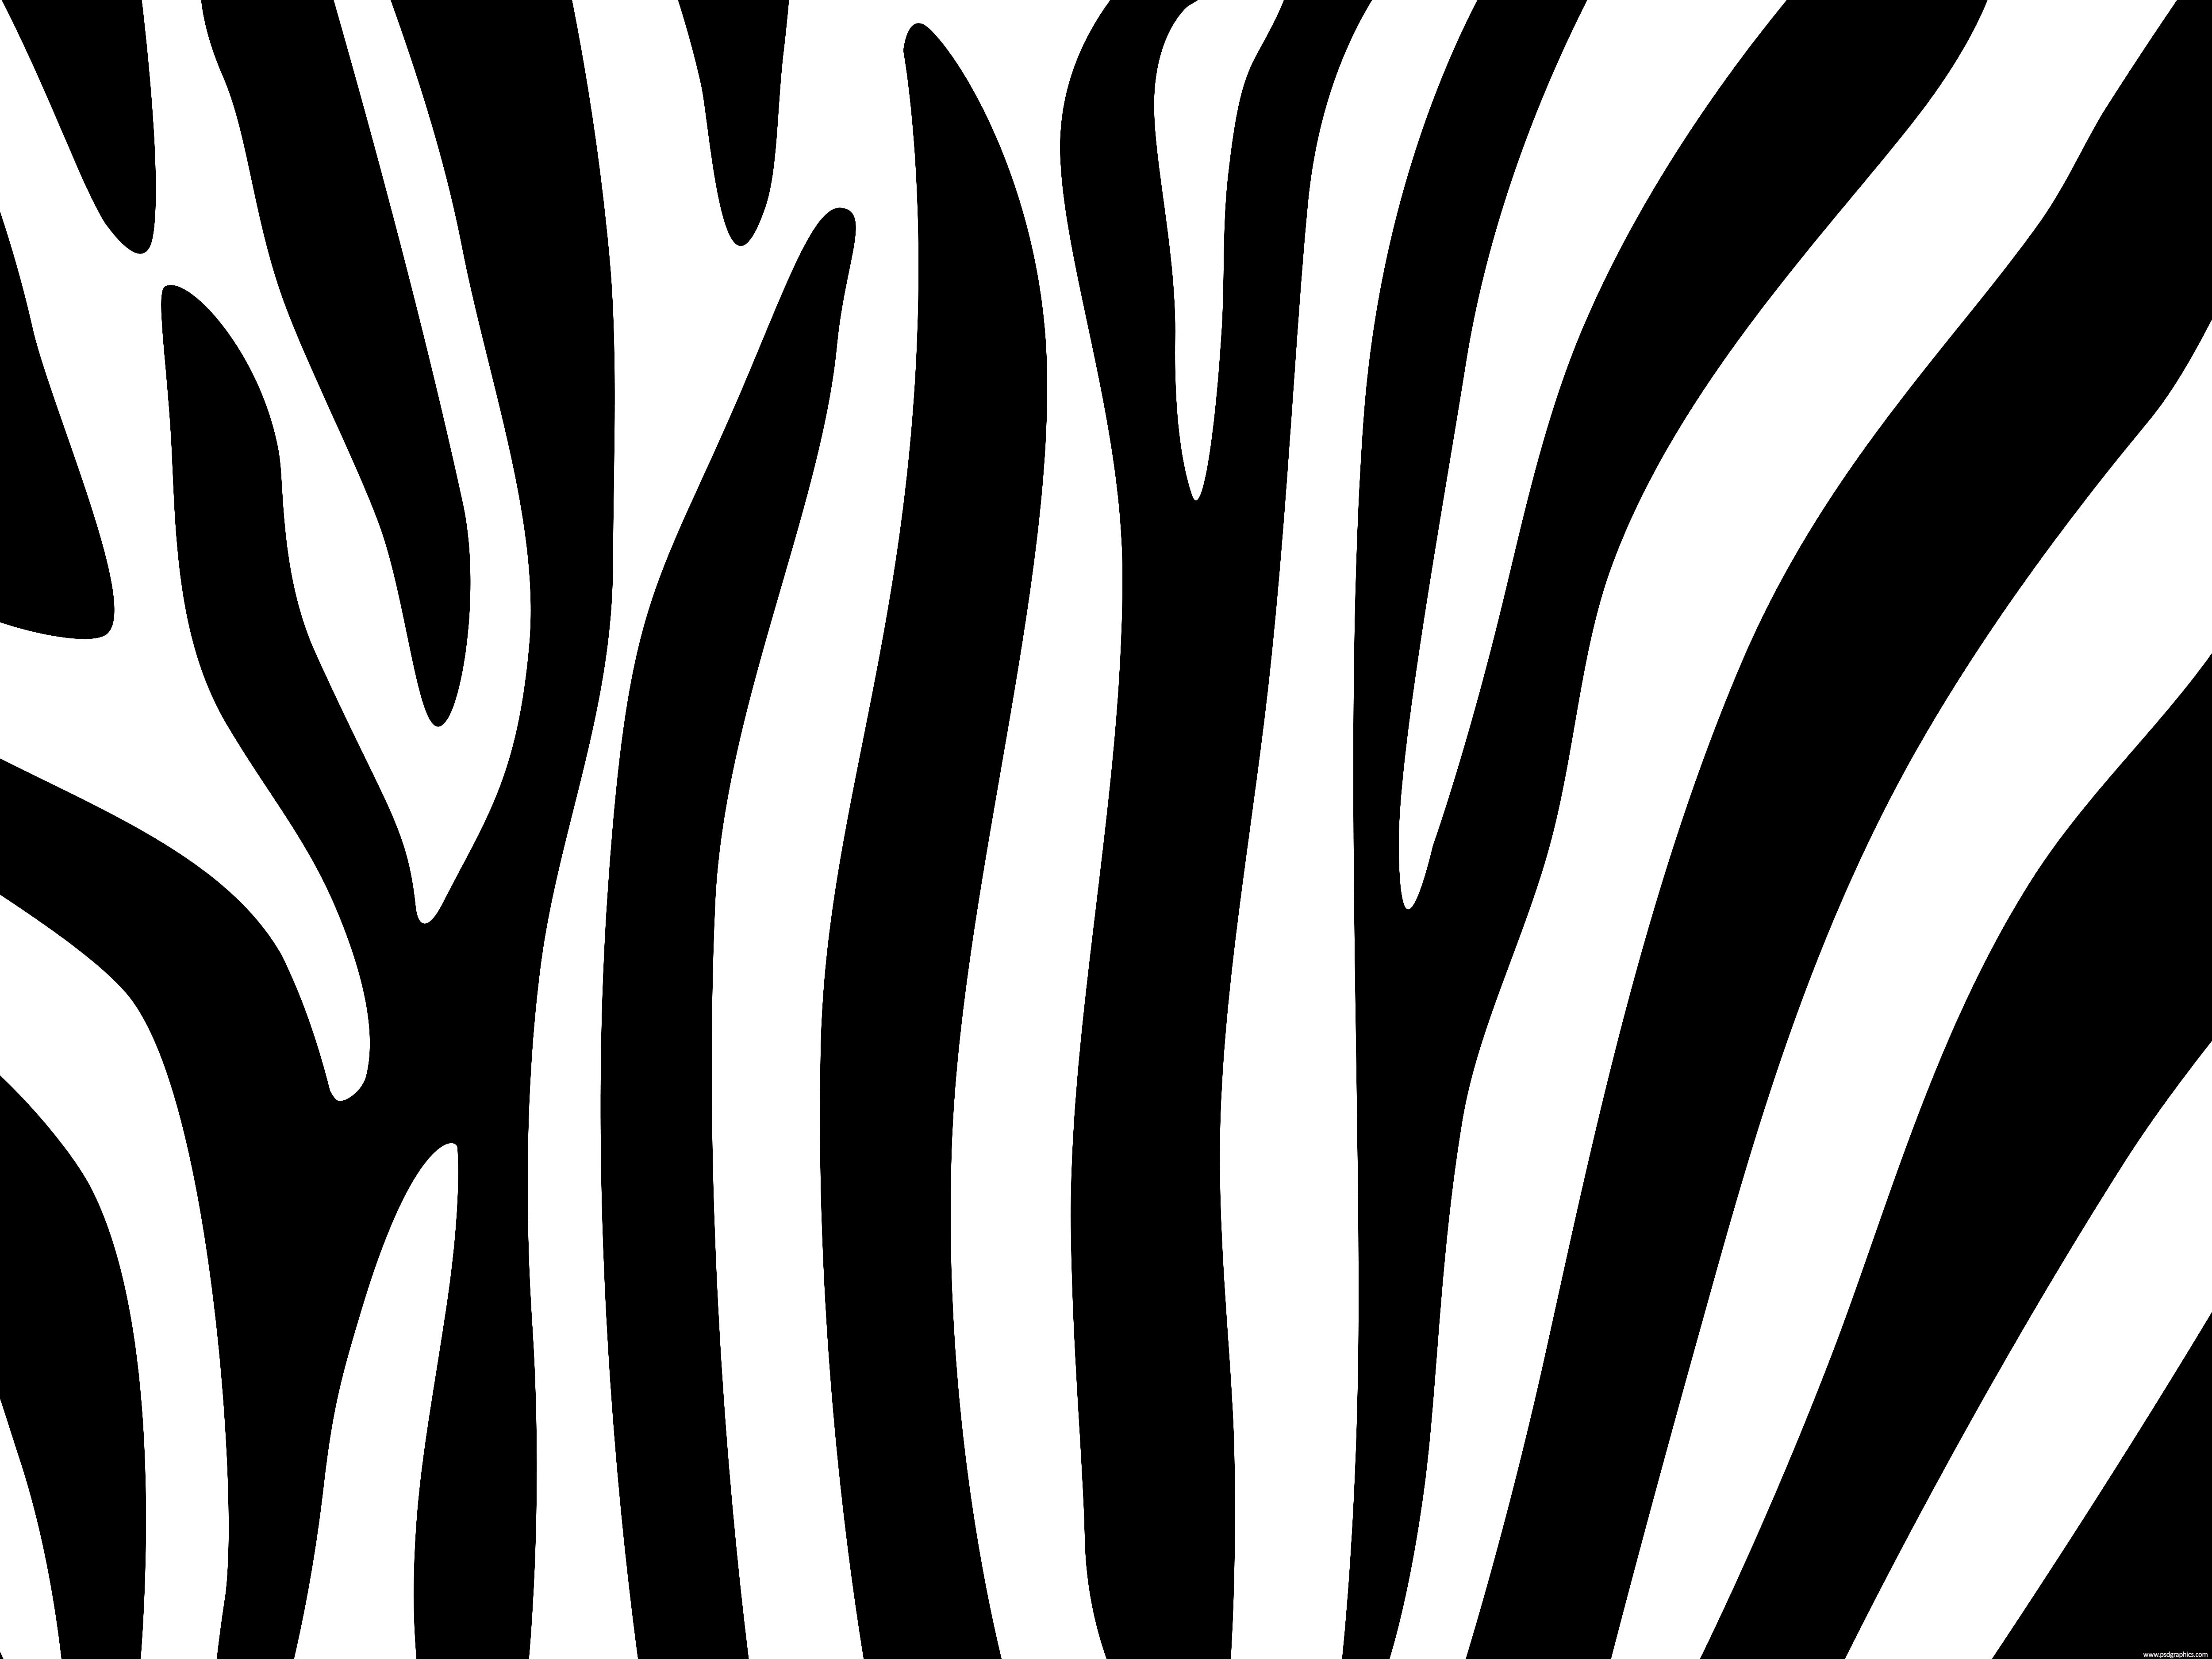 Zebra wallpaper for bathroom